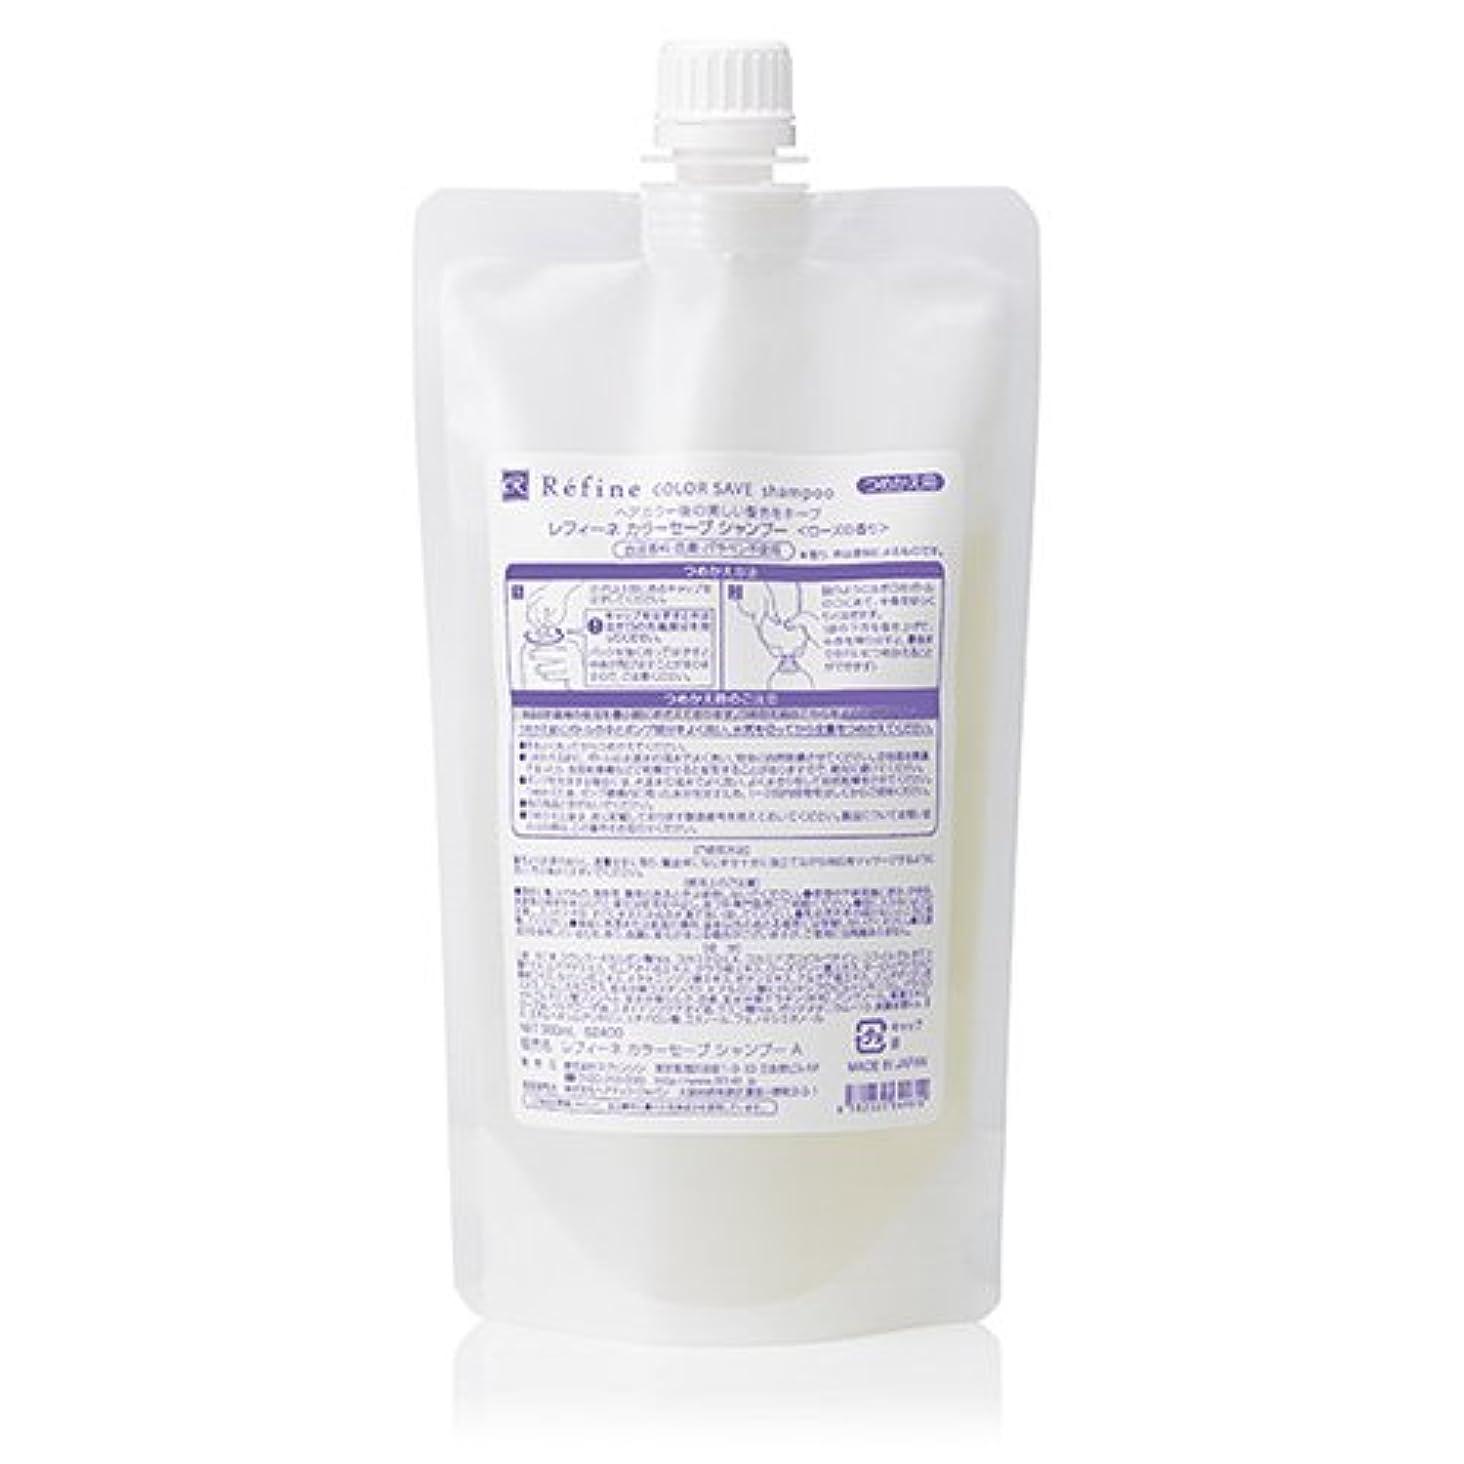 シビックマングルほとんどないレフィーネ カラーセーブシャンプー 380mL(詰替え用)ラベンダーの香り